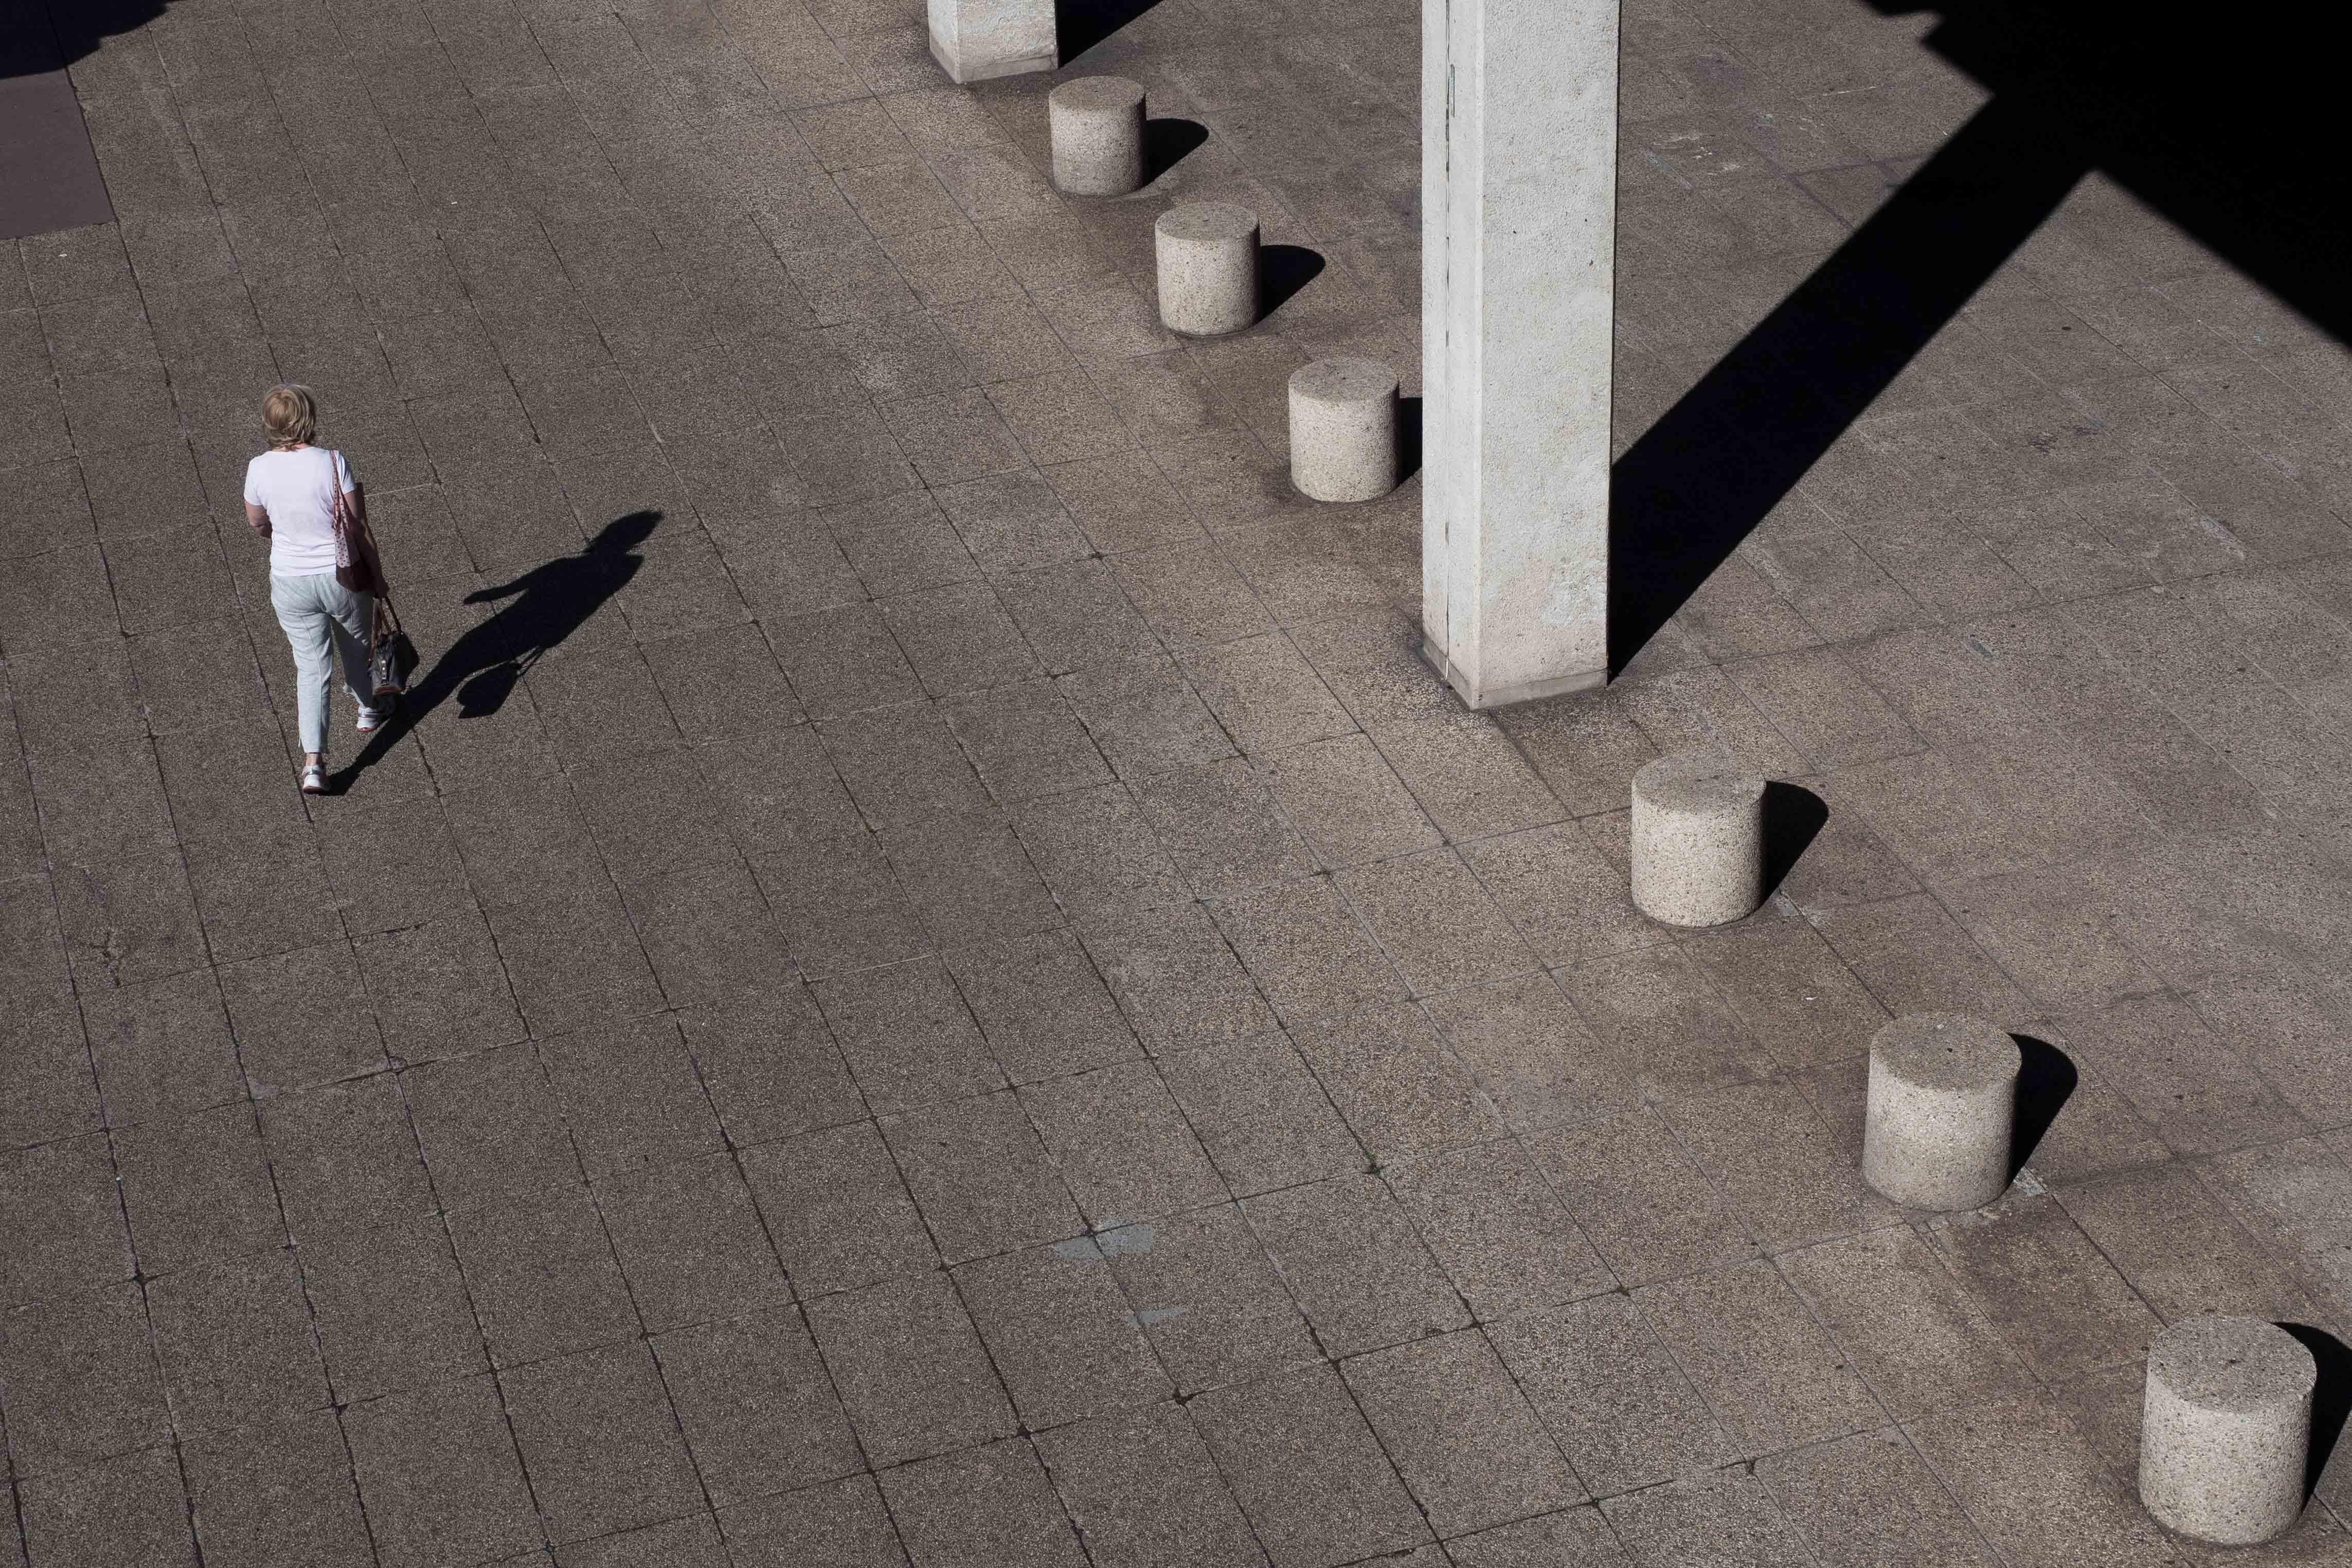 02 Soft City Lyon | Urban Pix